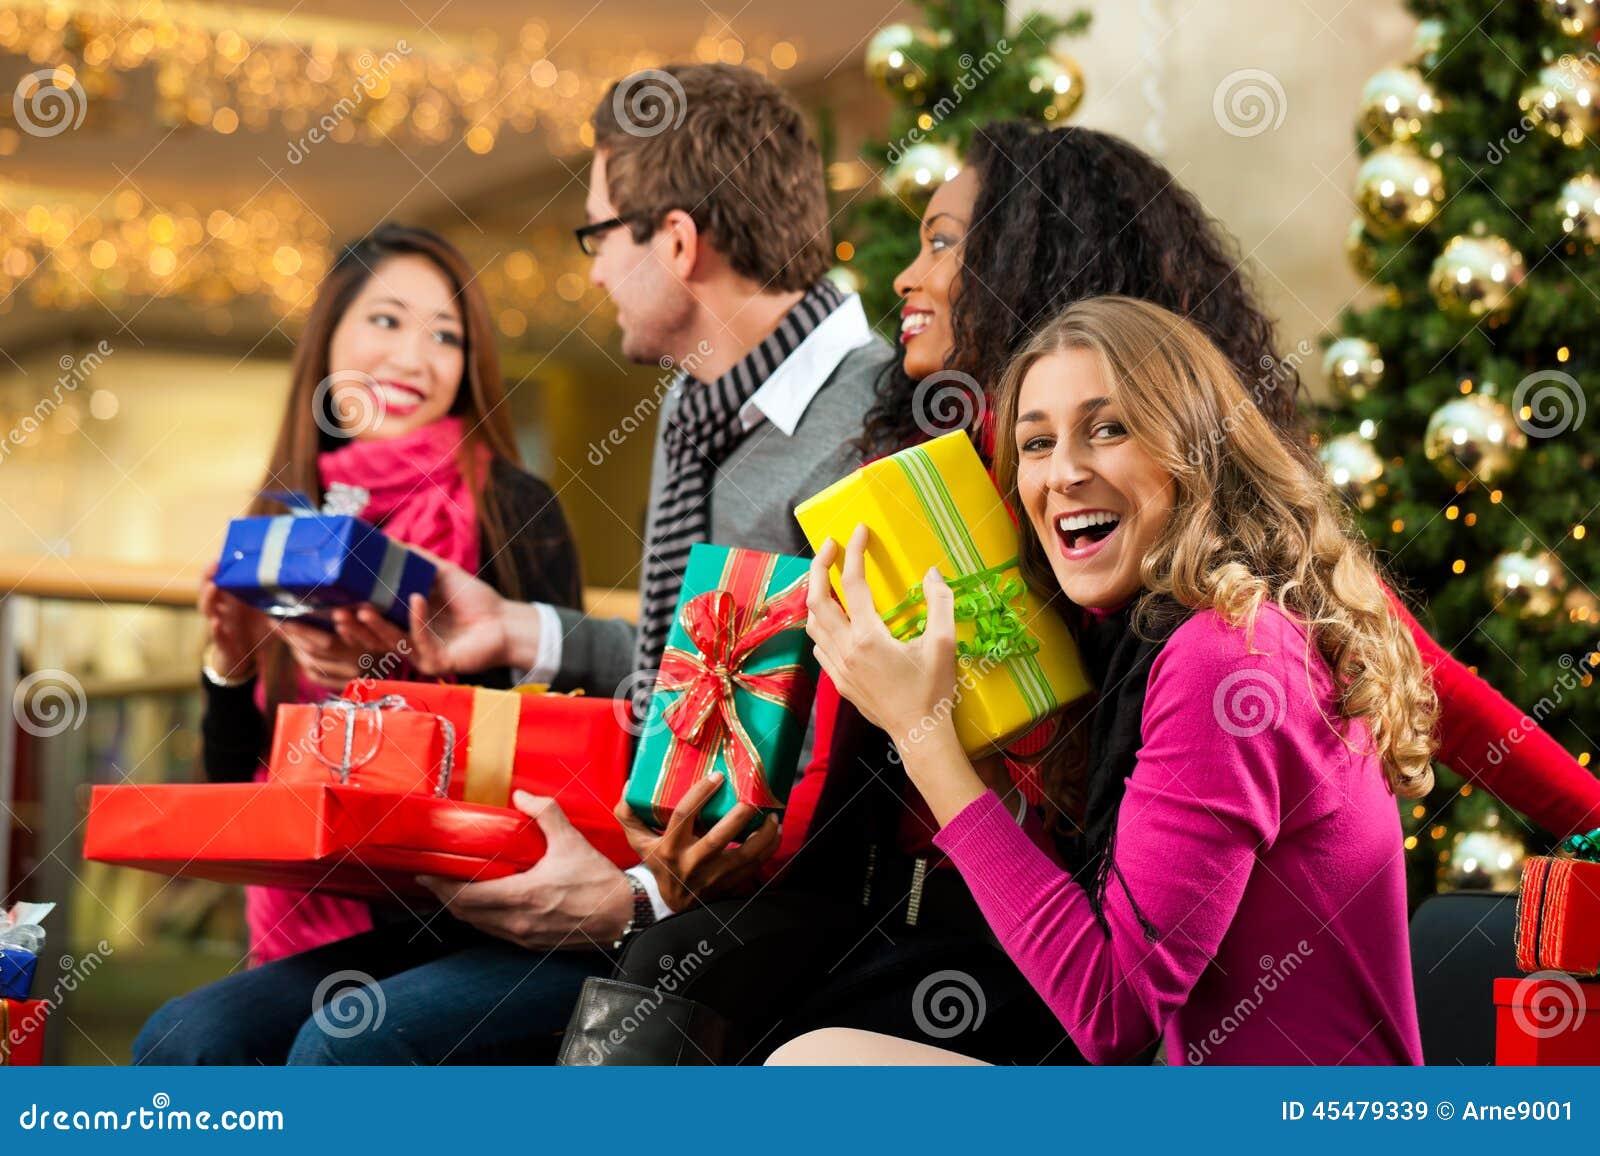 圣诞节购物-购物中心的朋友